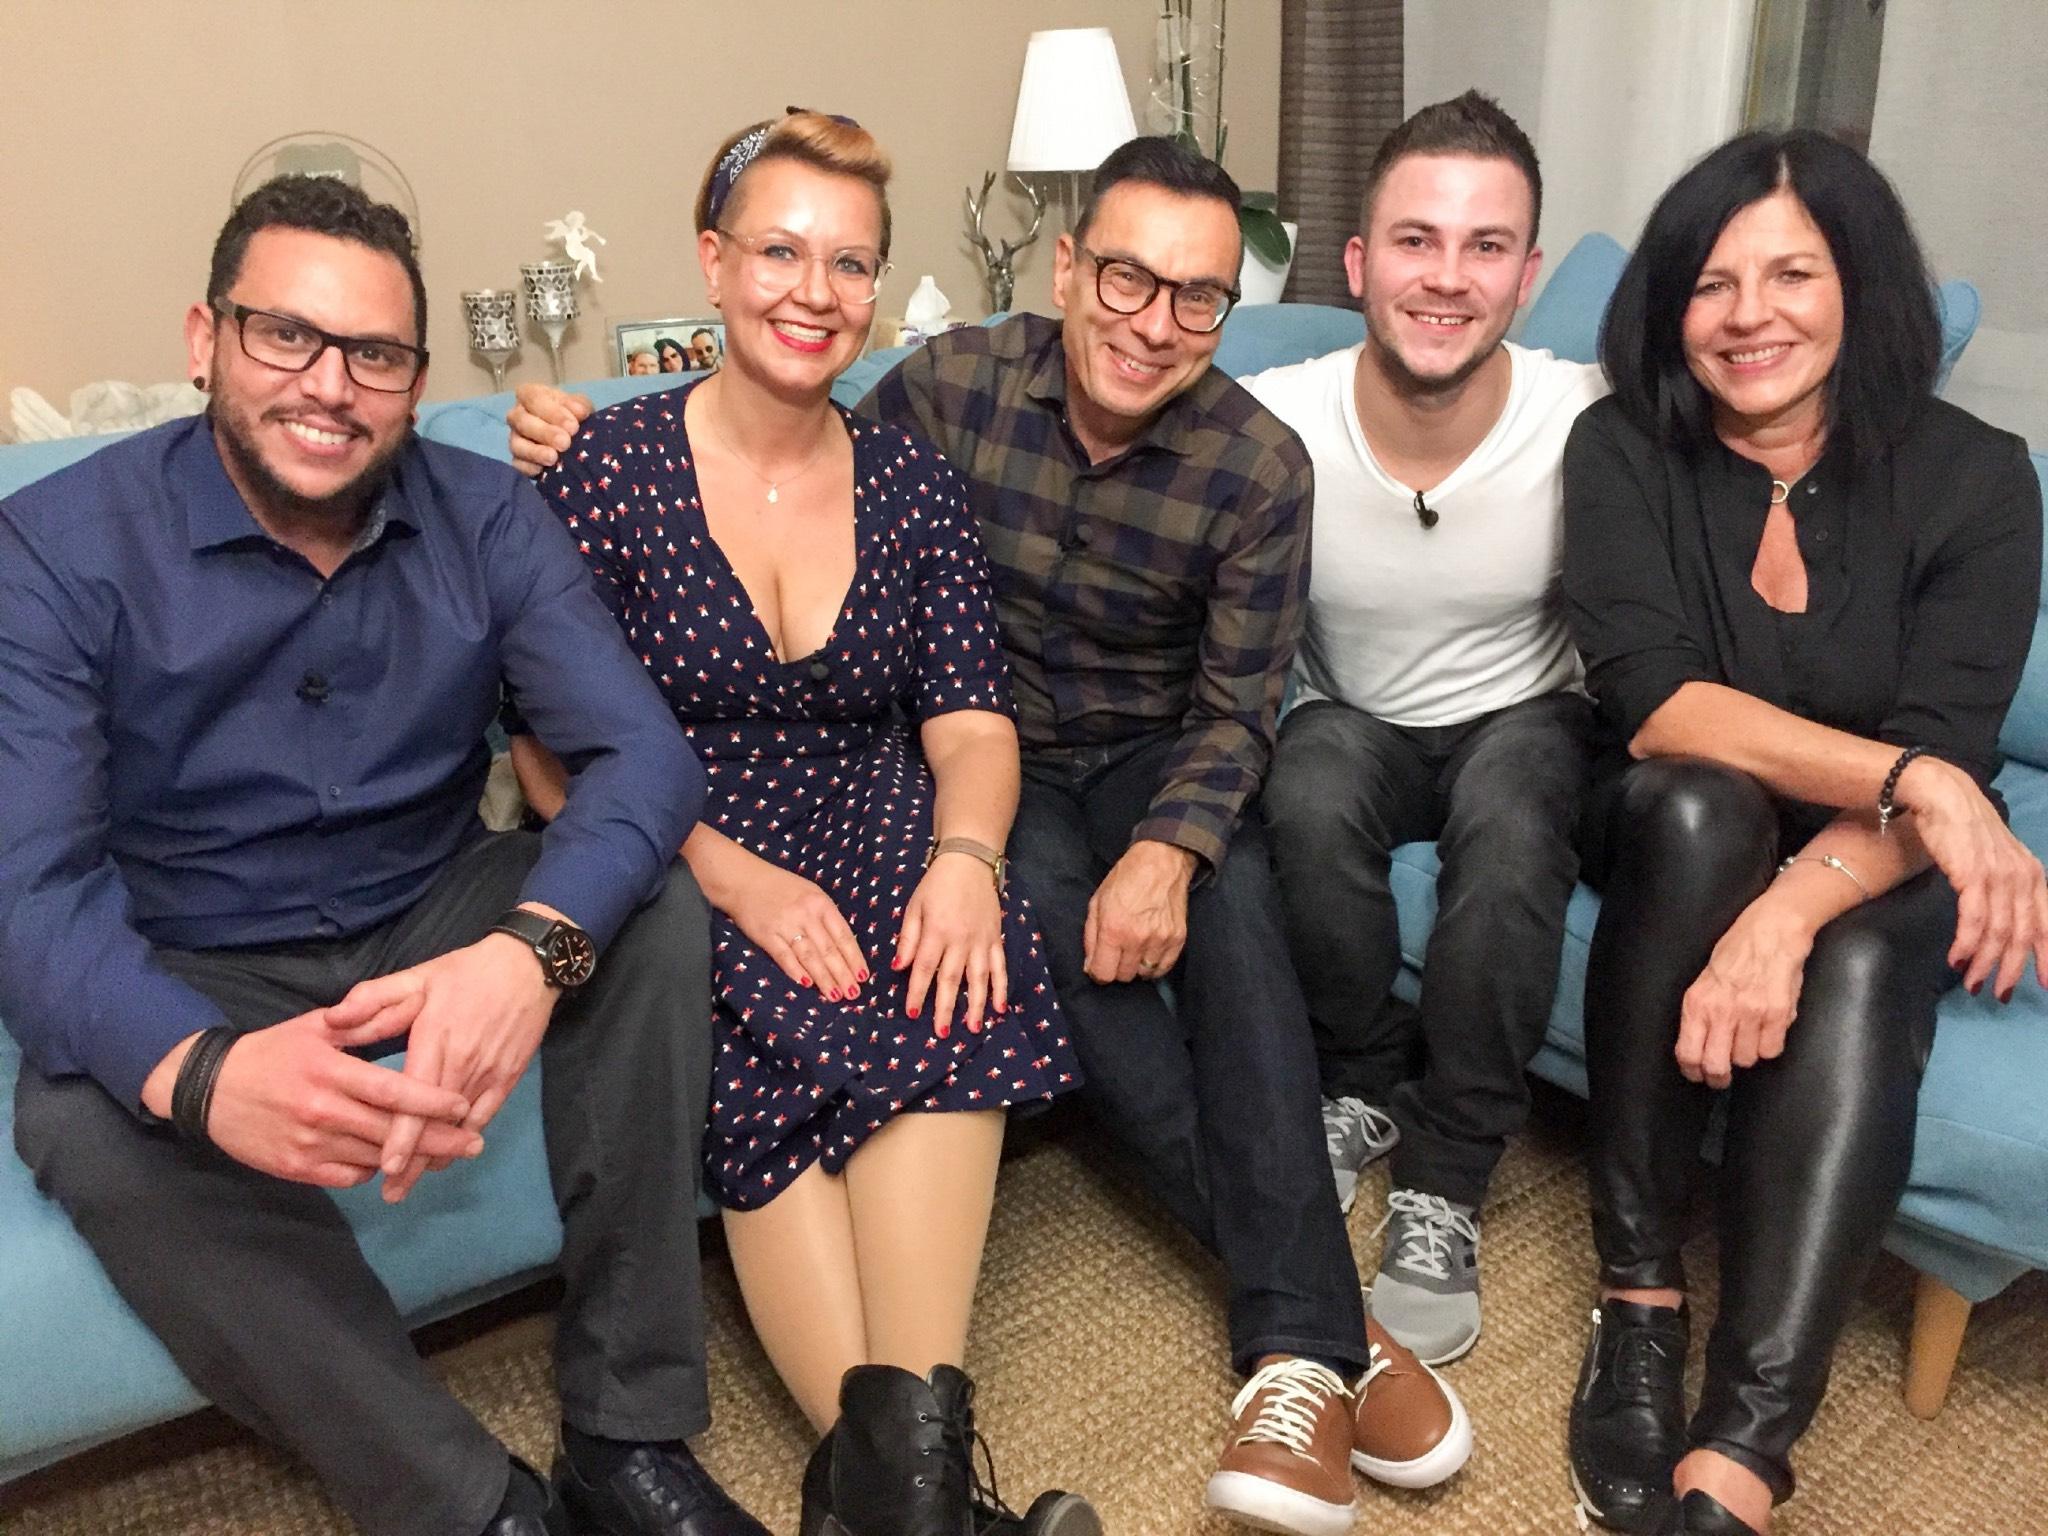 Die Teilnehmer aus Unterfranken: Walid, Christina, Hartmut, Burkhard, Katja (v.l.). Foto: MG RTL D / ITV Studios